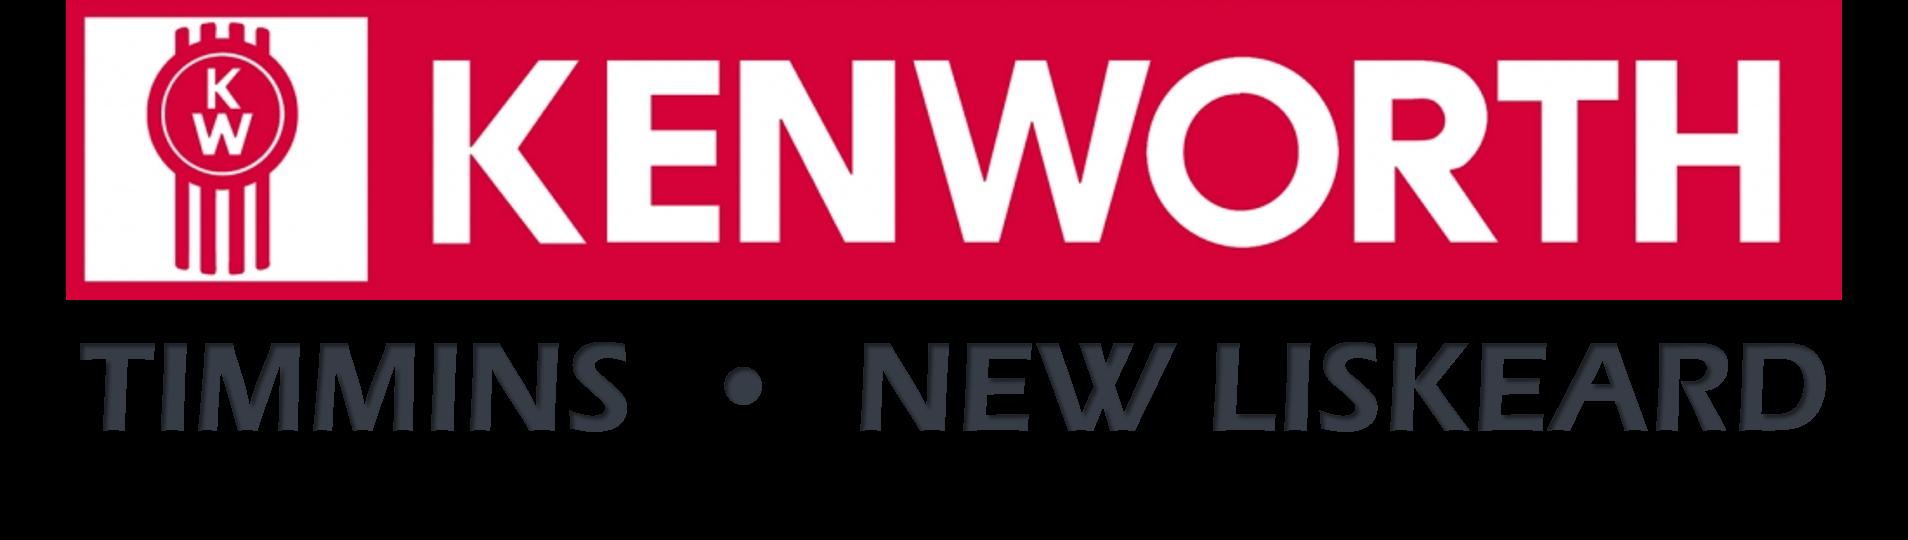 Kenworth Timmins – New Liskeard